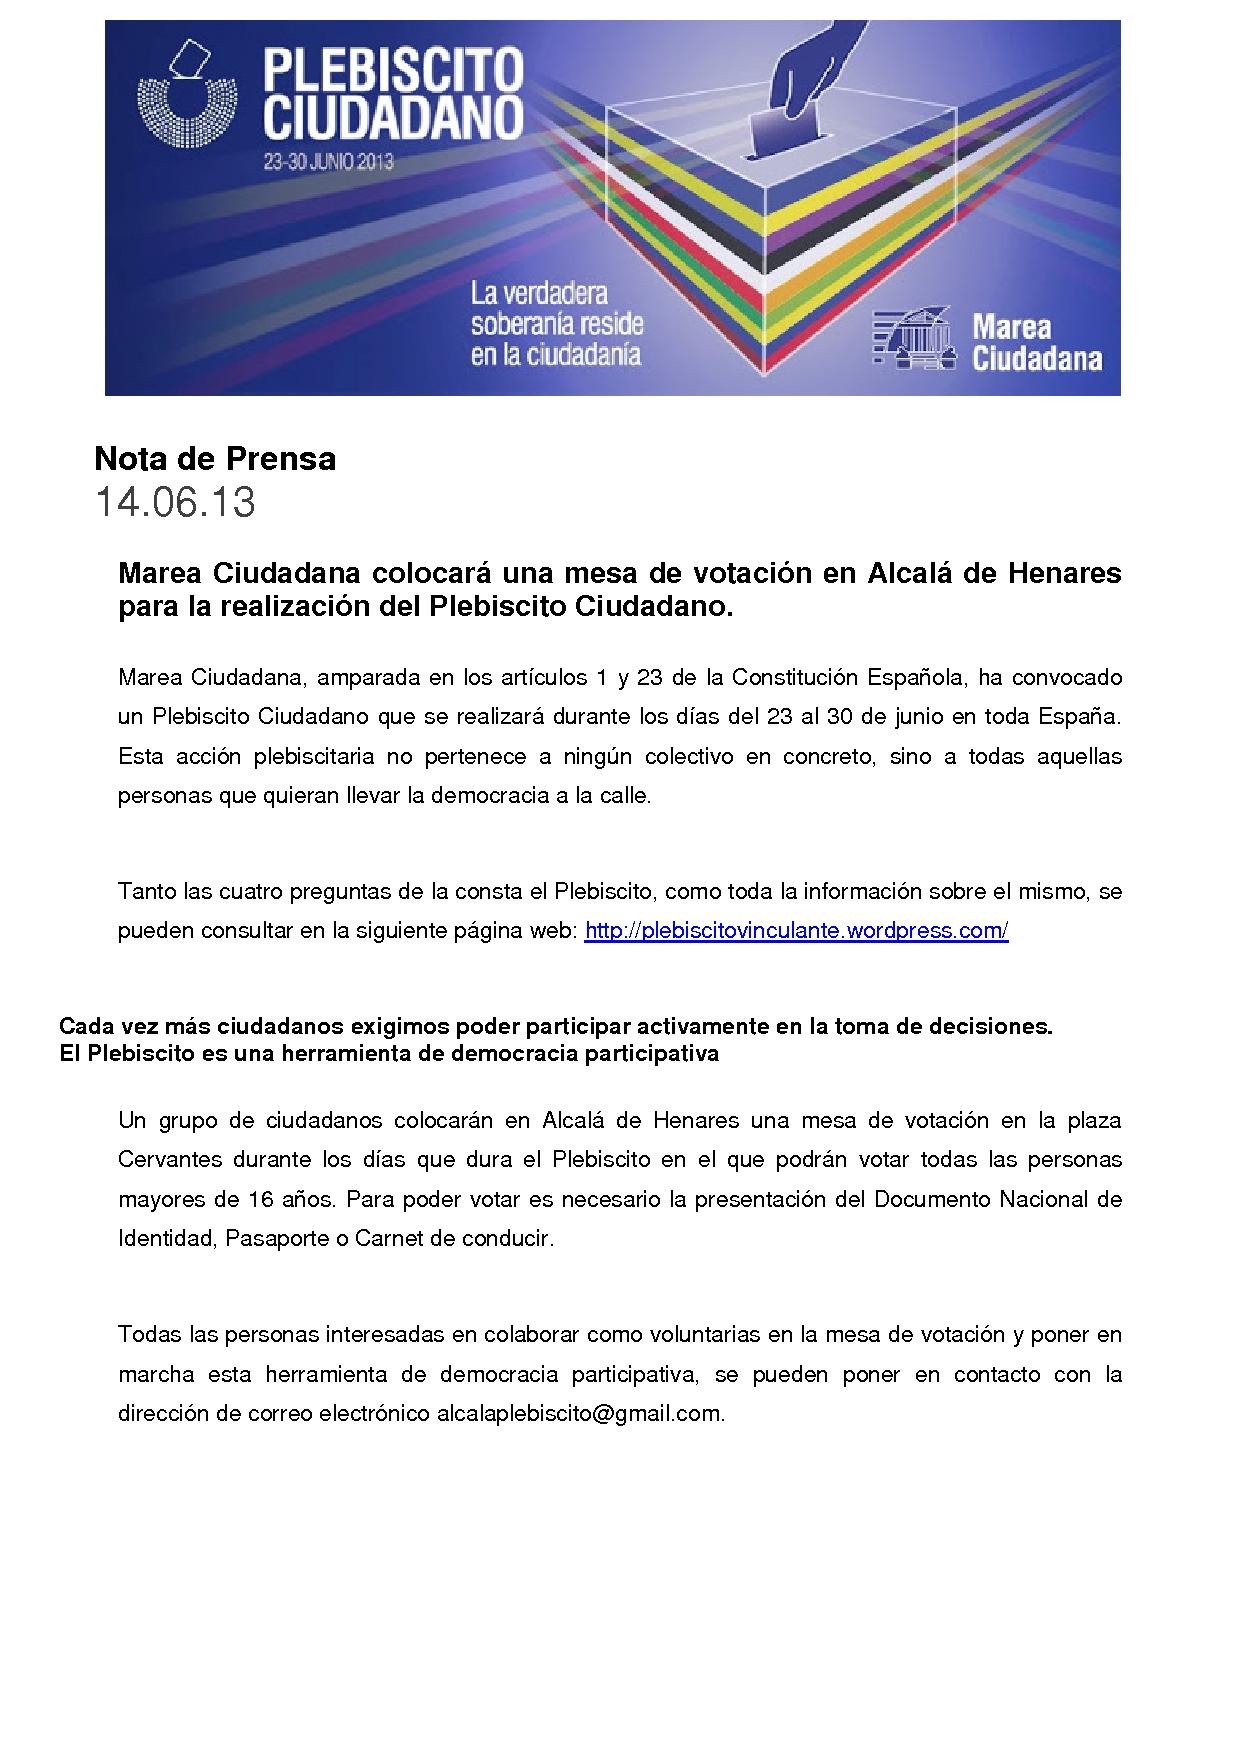 Nota de Prensa-Plebiscito Ciudadano en Alcala